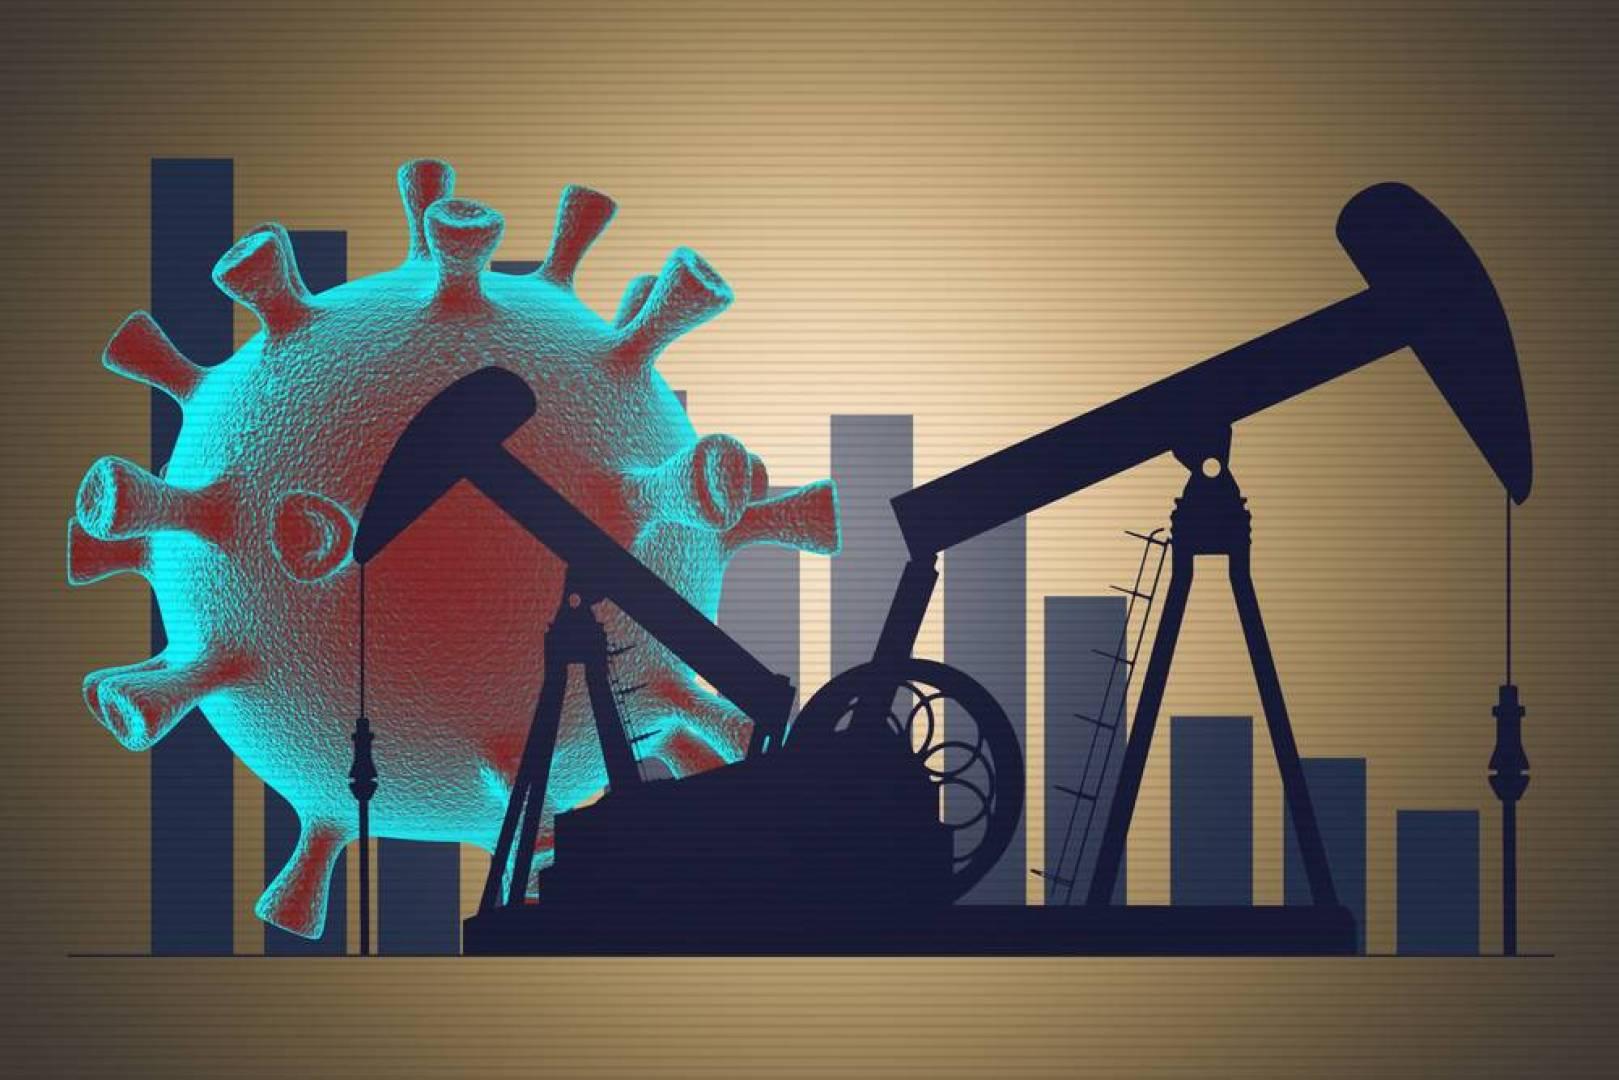 النفط يهبط جراء مخاوف حيال الطلب مع تخفيف إجراءات العزل